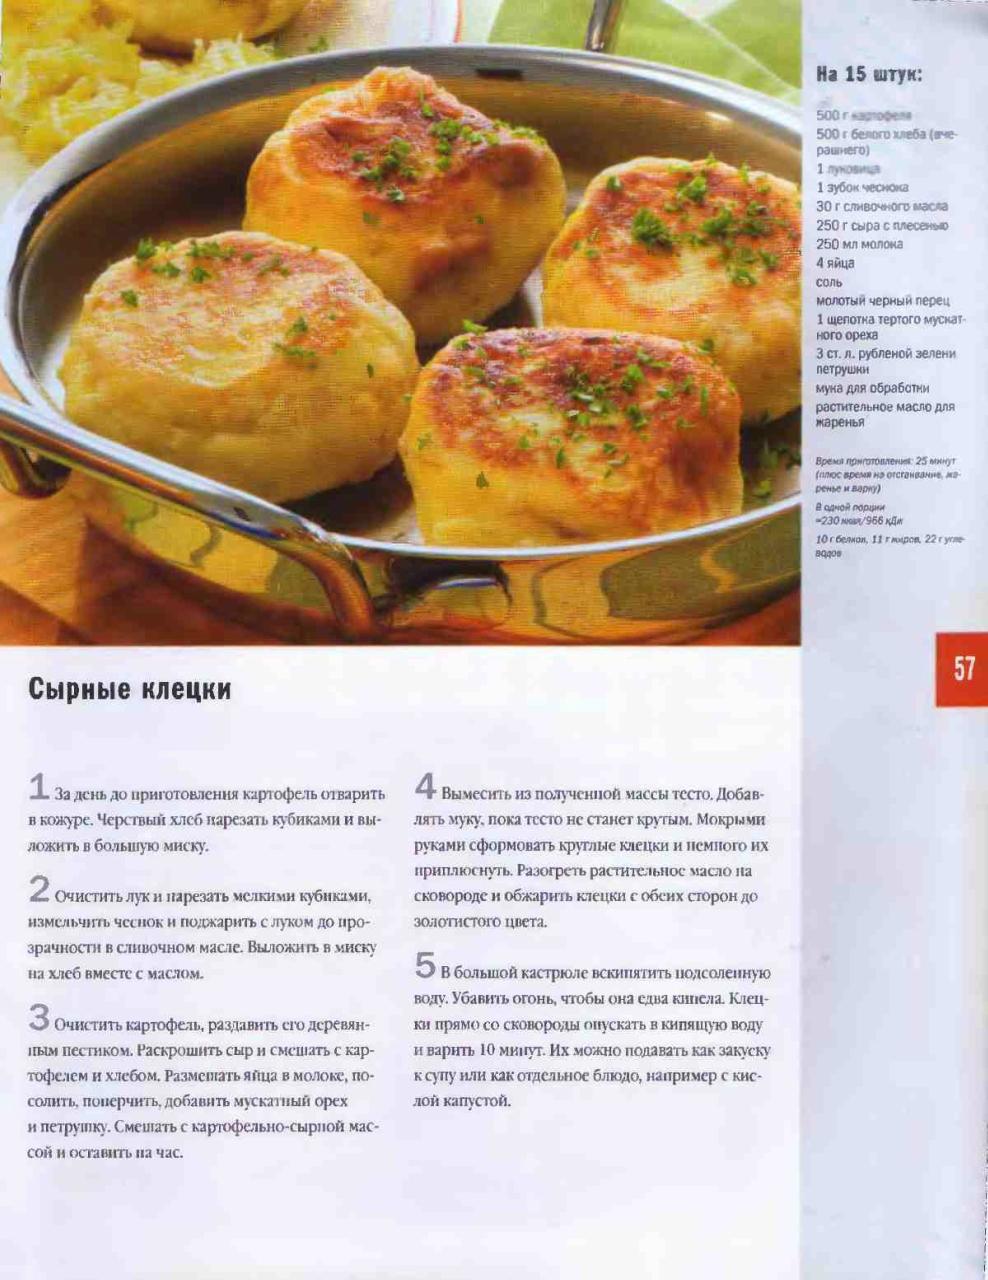 Блюда из картофеля рецепты пошагового приготовления